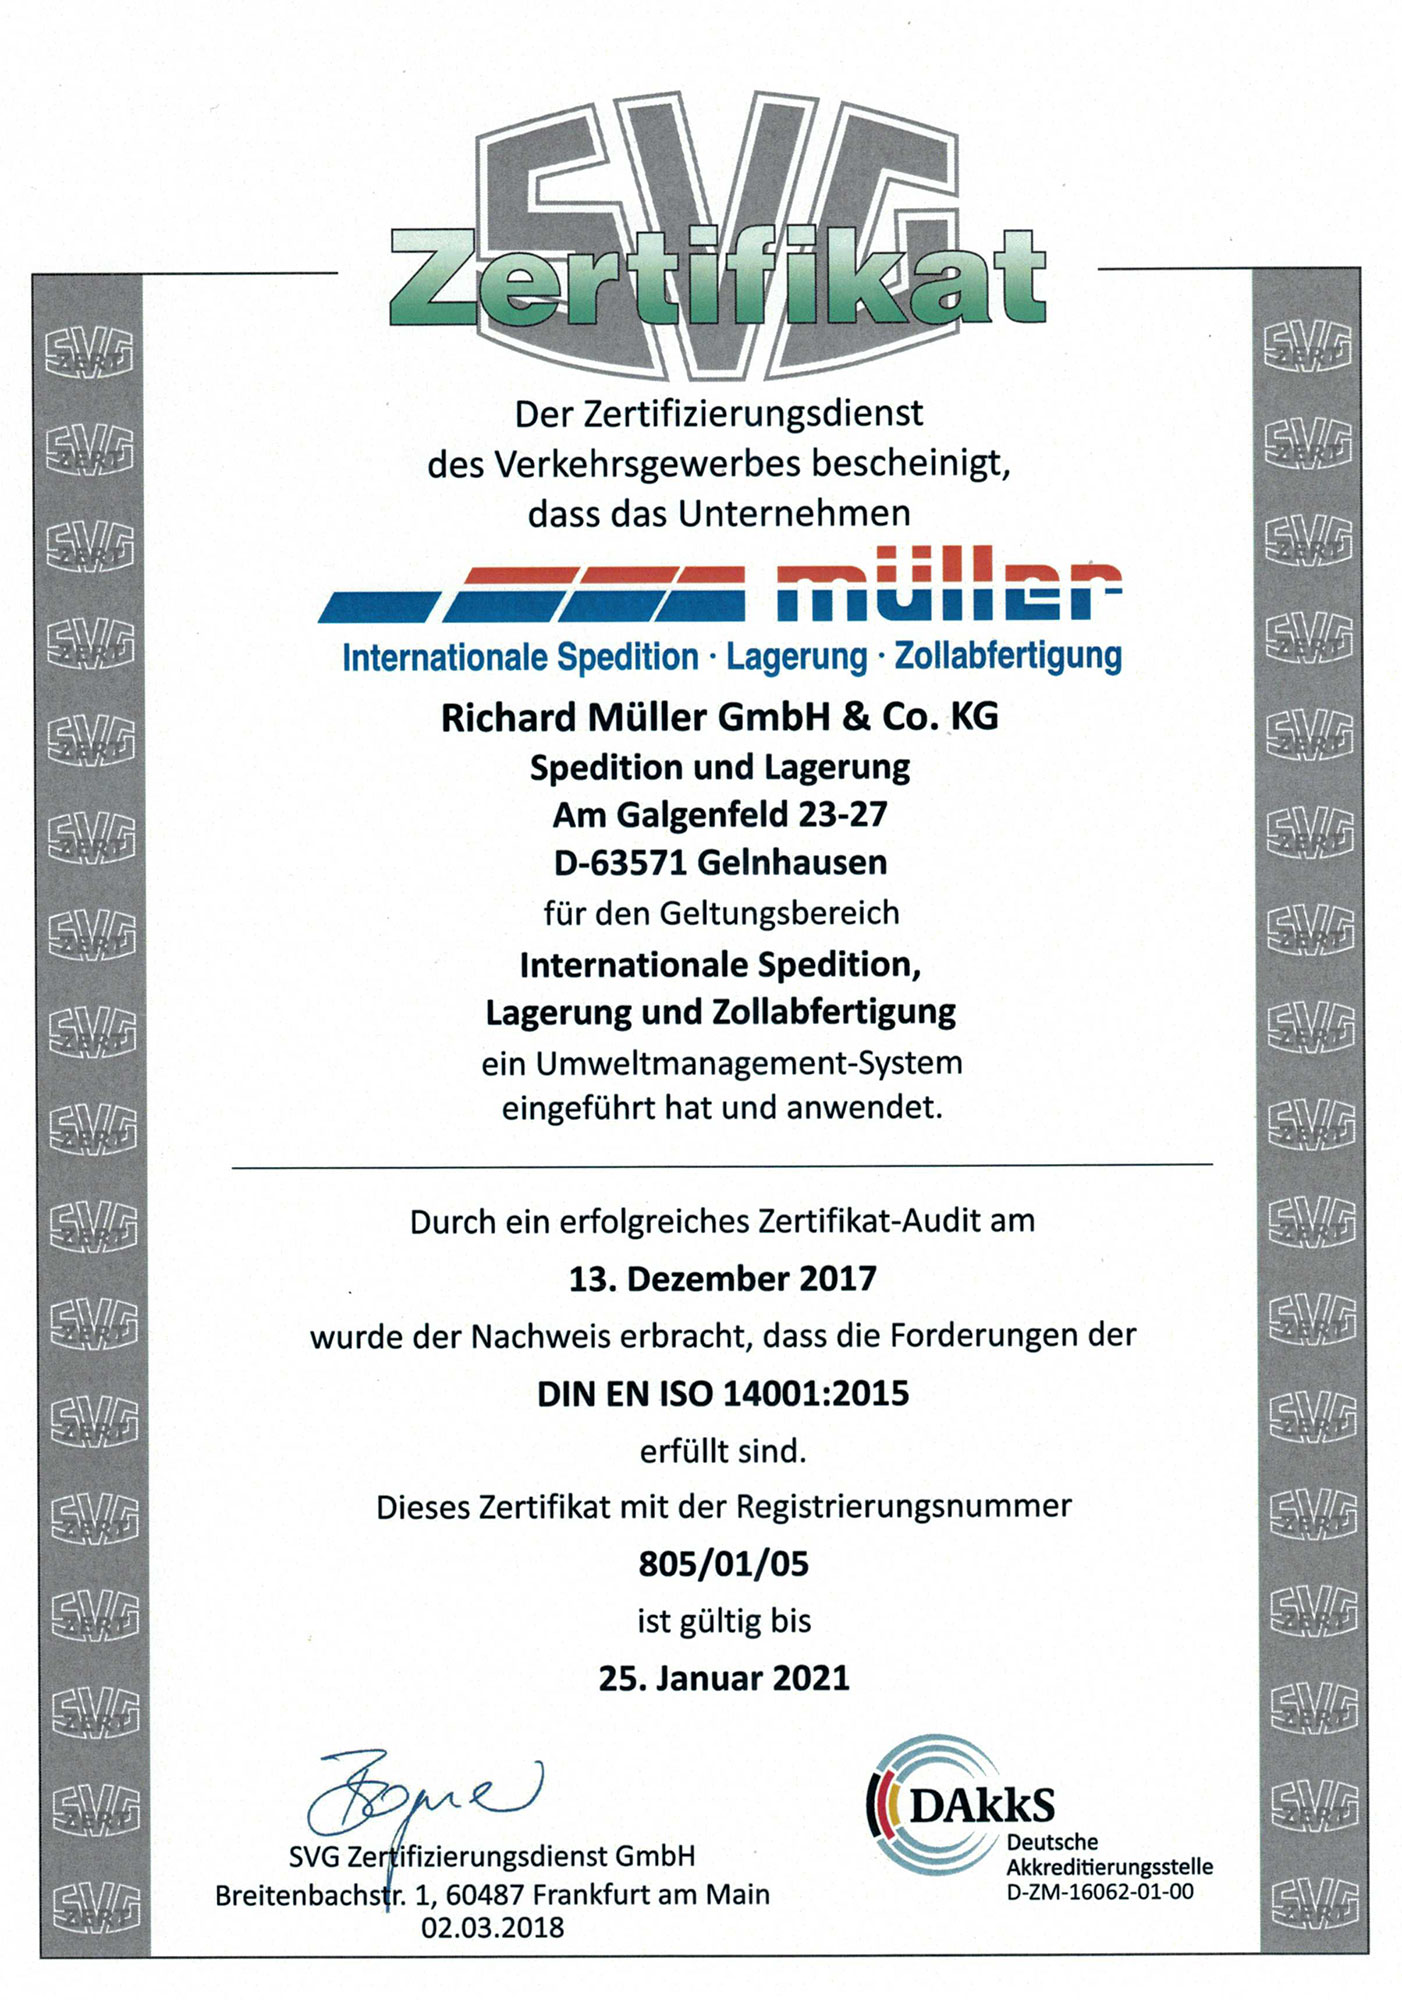 SVG Zertifikat DIN EN ISO 14001